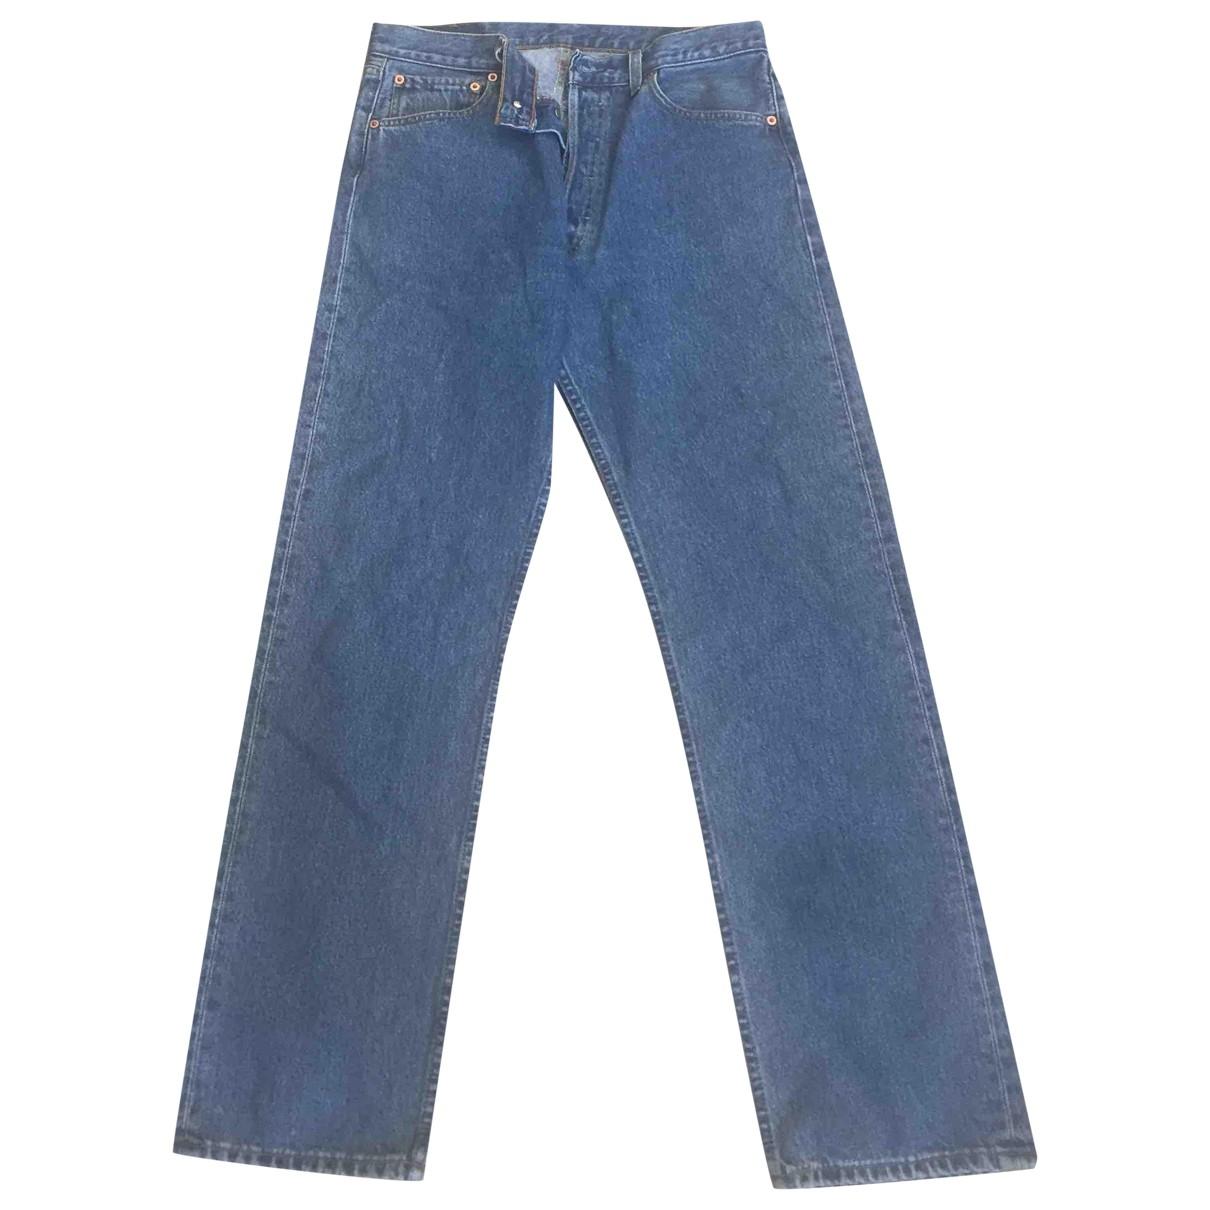 Levi's 501 Denim - Jeans Jeans for Women 34 US